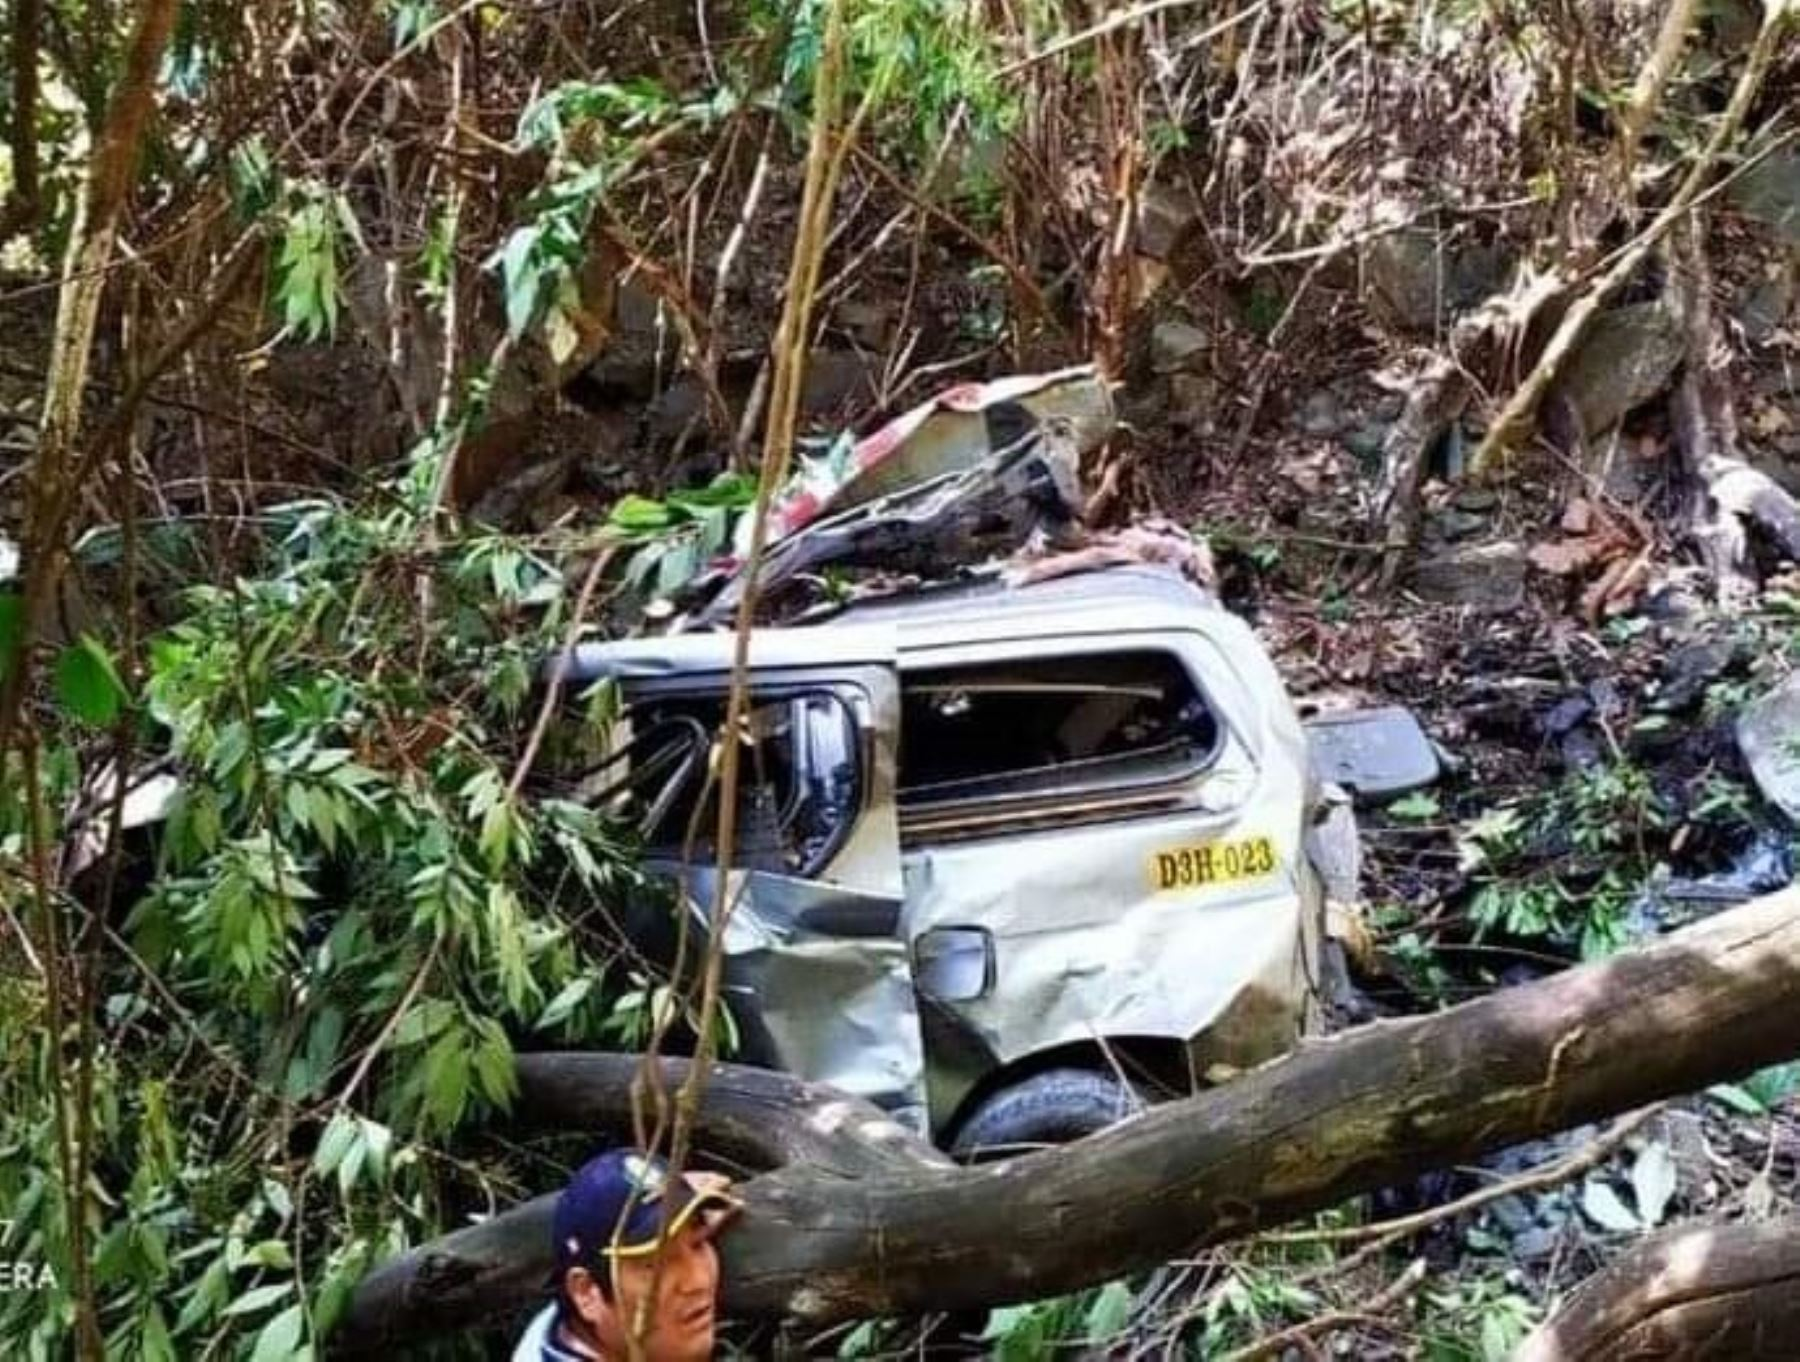 Despiste de vehículo en la vía alterna a Machu Picchu, en Cusco, deja al menos cinco muertos y un menor desaparecido. ANDINA/Difusión